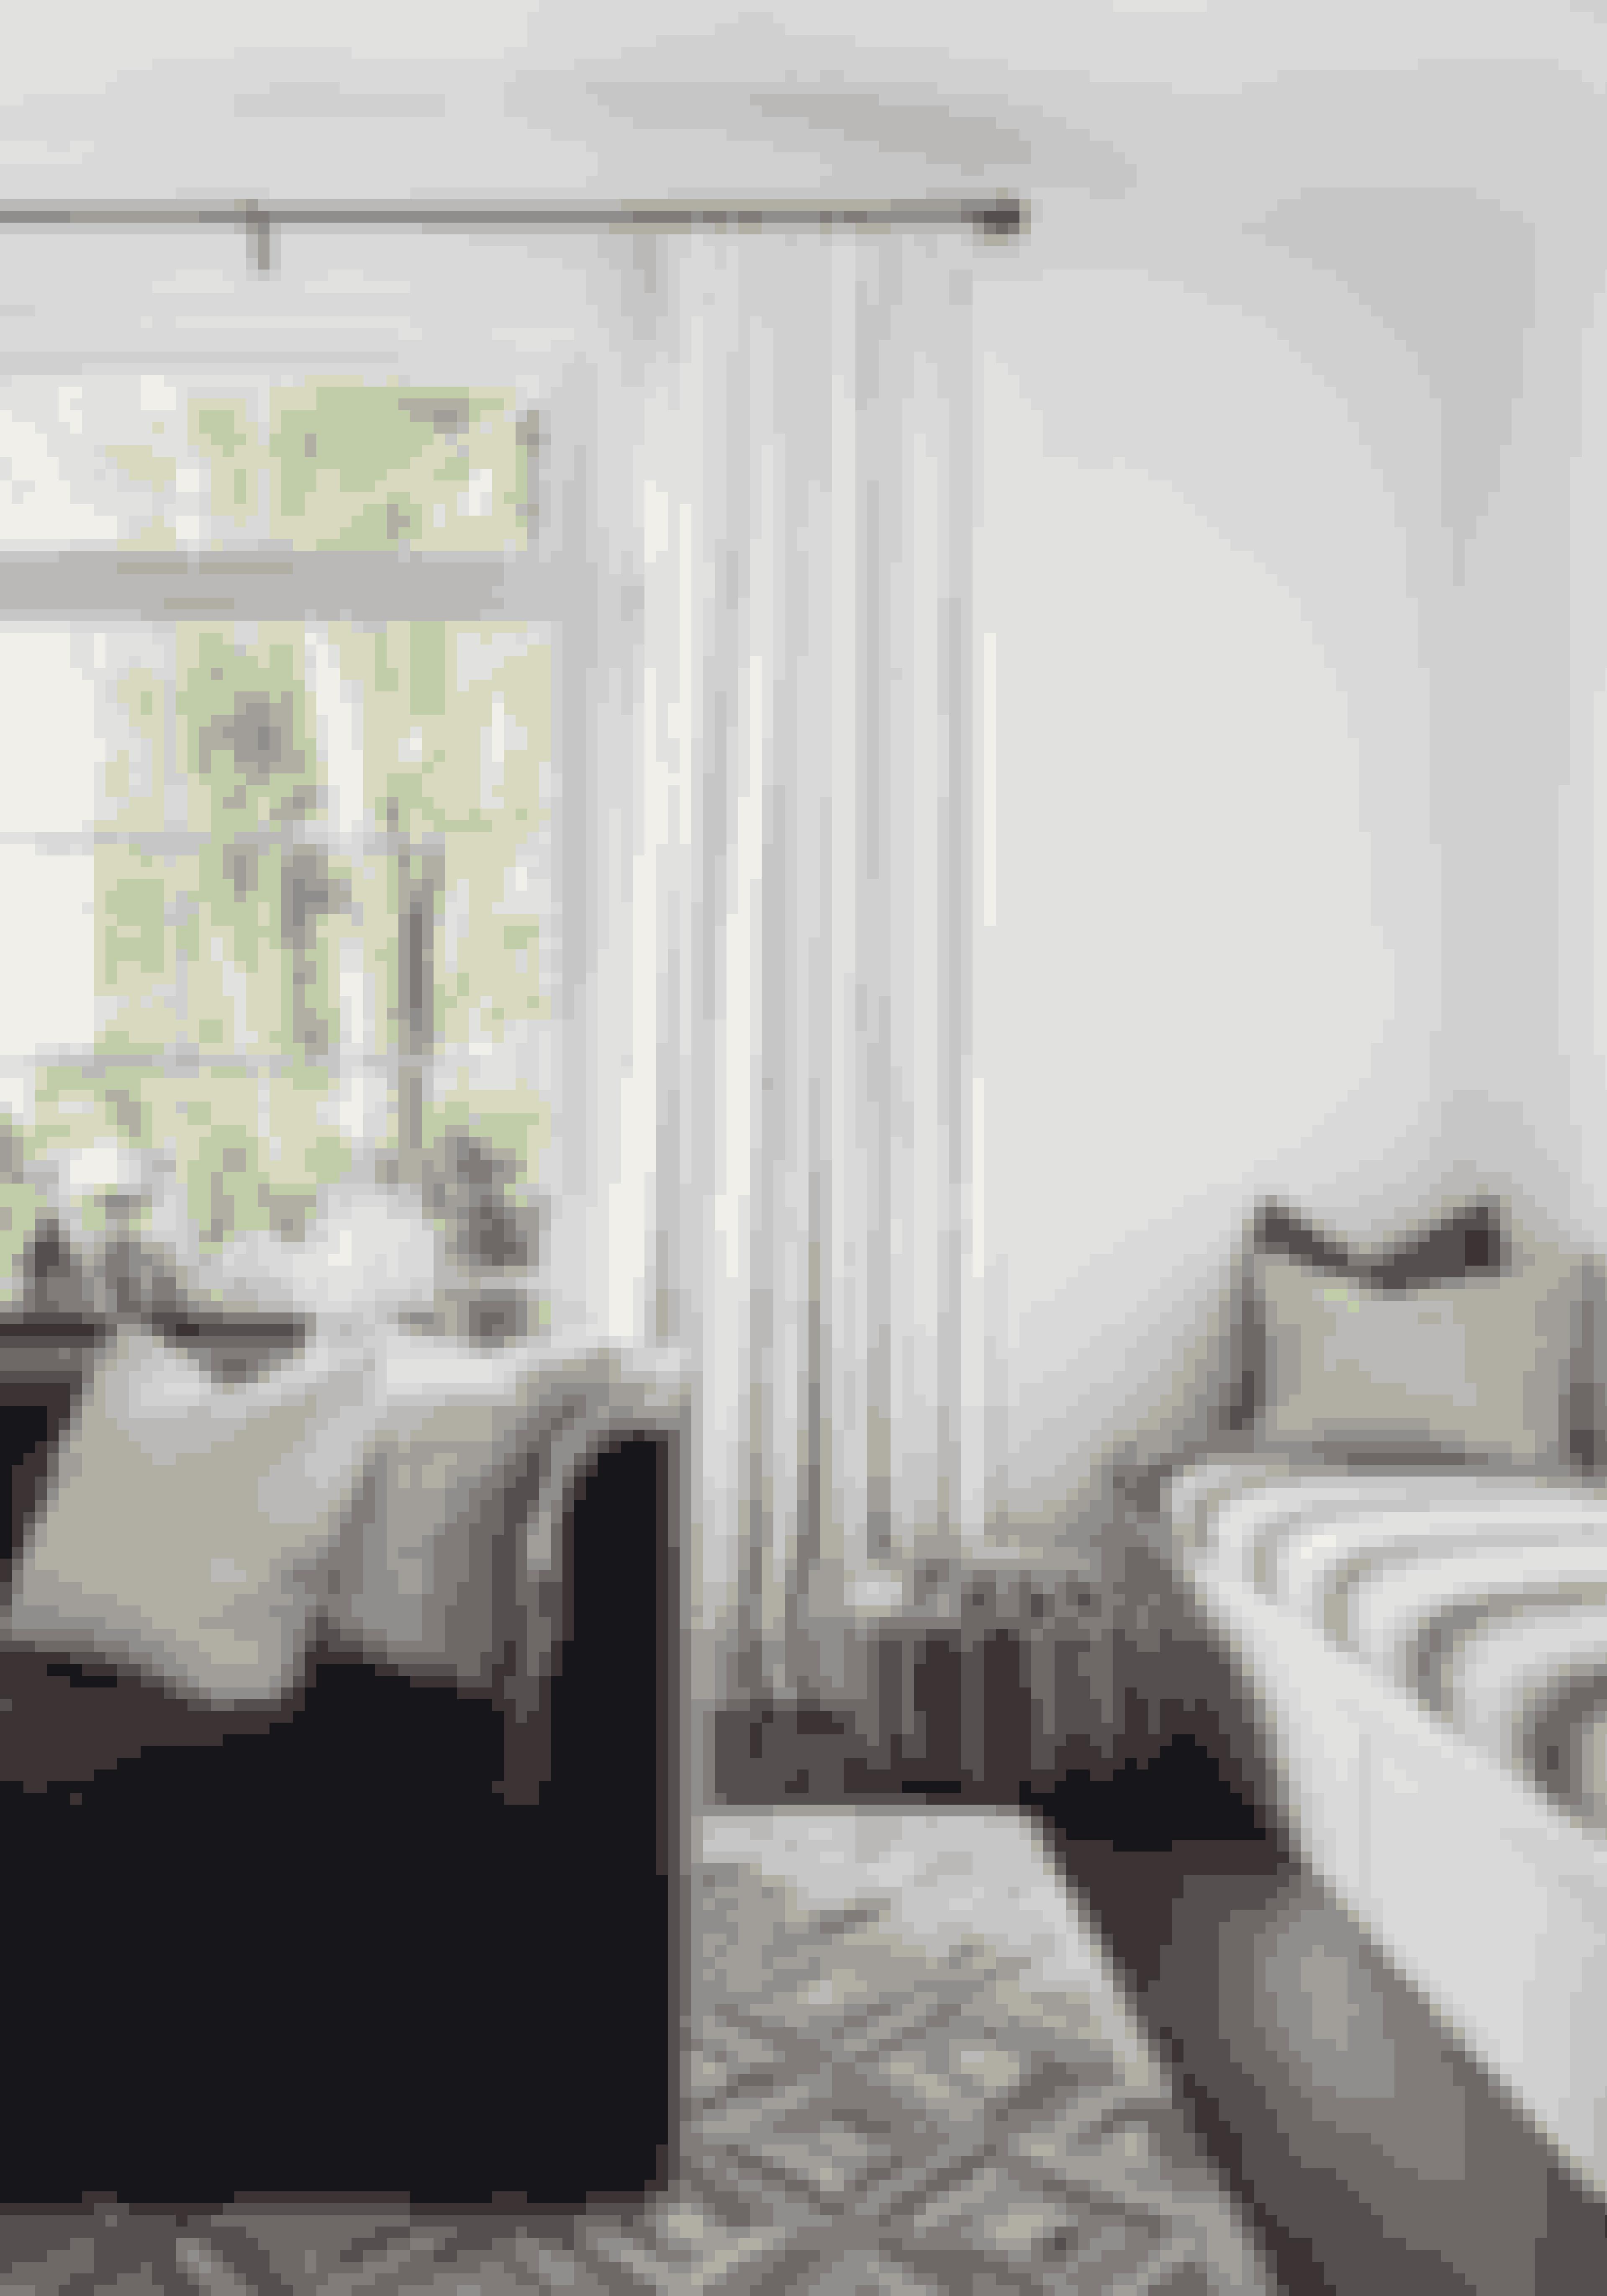 Stil sofaen ud i rummet for at give lidt luft i indretningen. Sofaen i velour er fra Room & Board, og puderne er fra Thomas Lavin Showroom og Mix i Los Angeles. Den marokkanske puf er vintage. Find fx en lignende puf her!